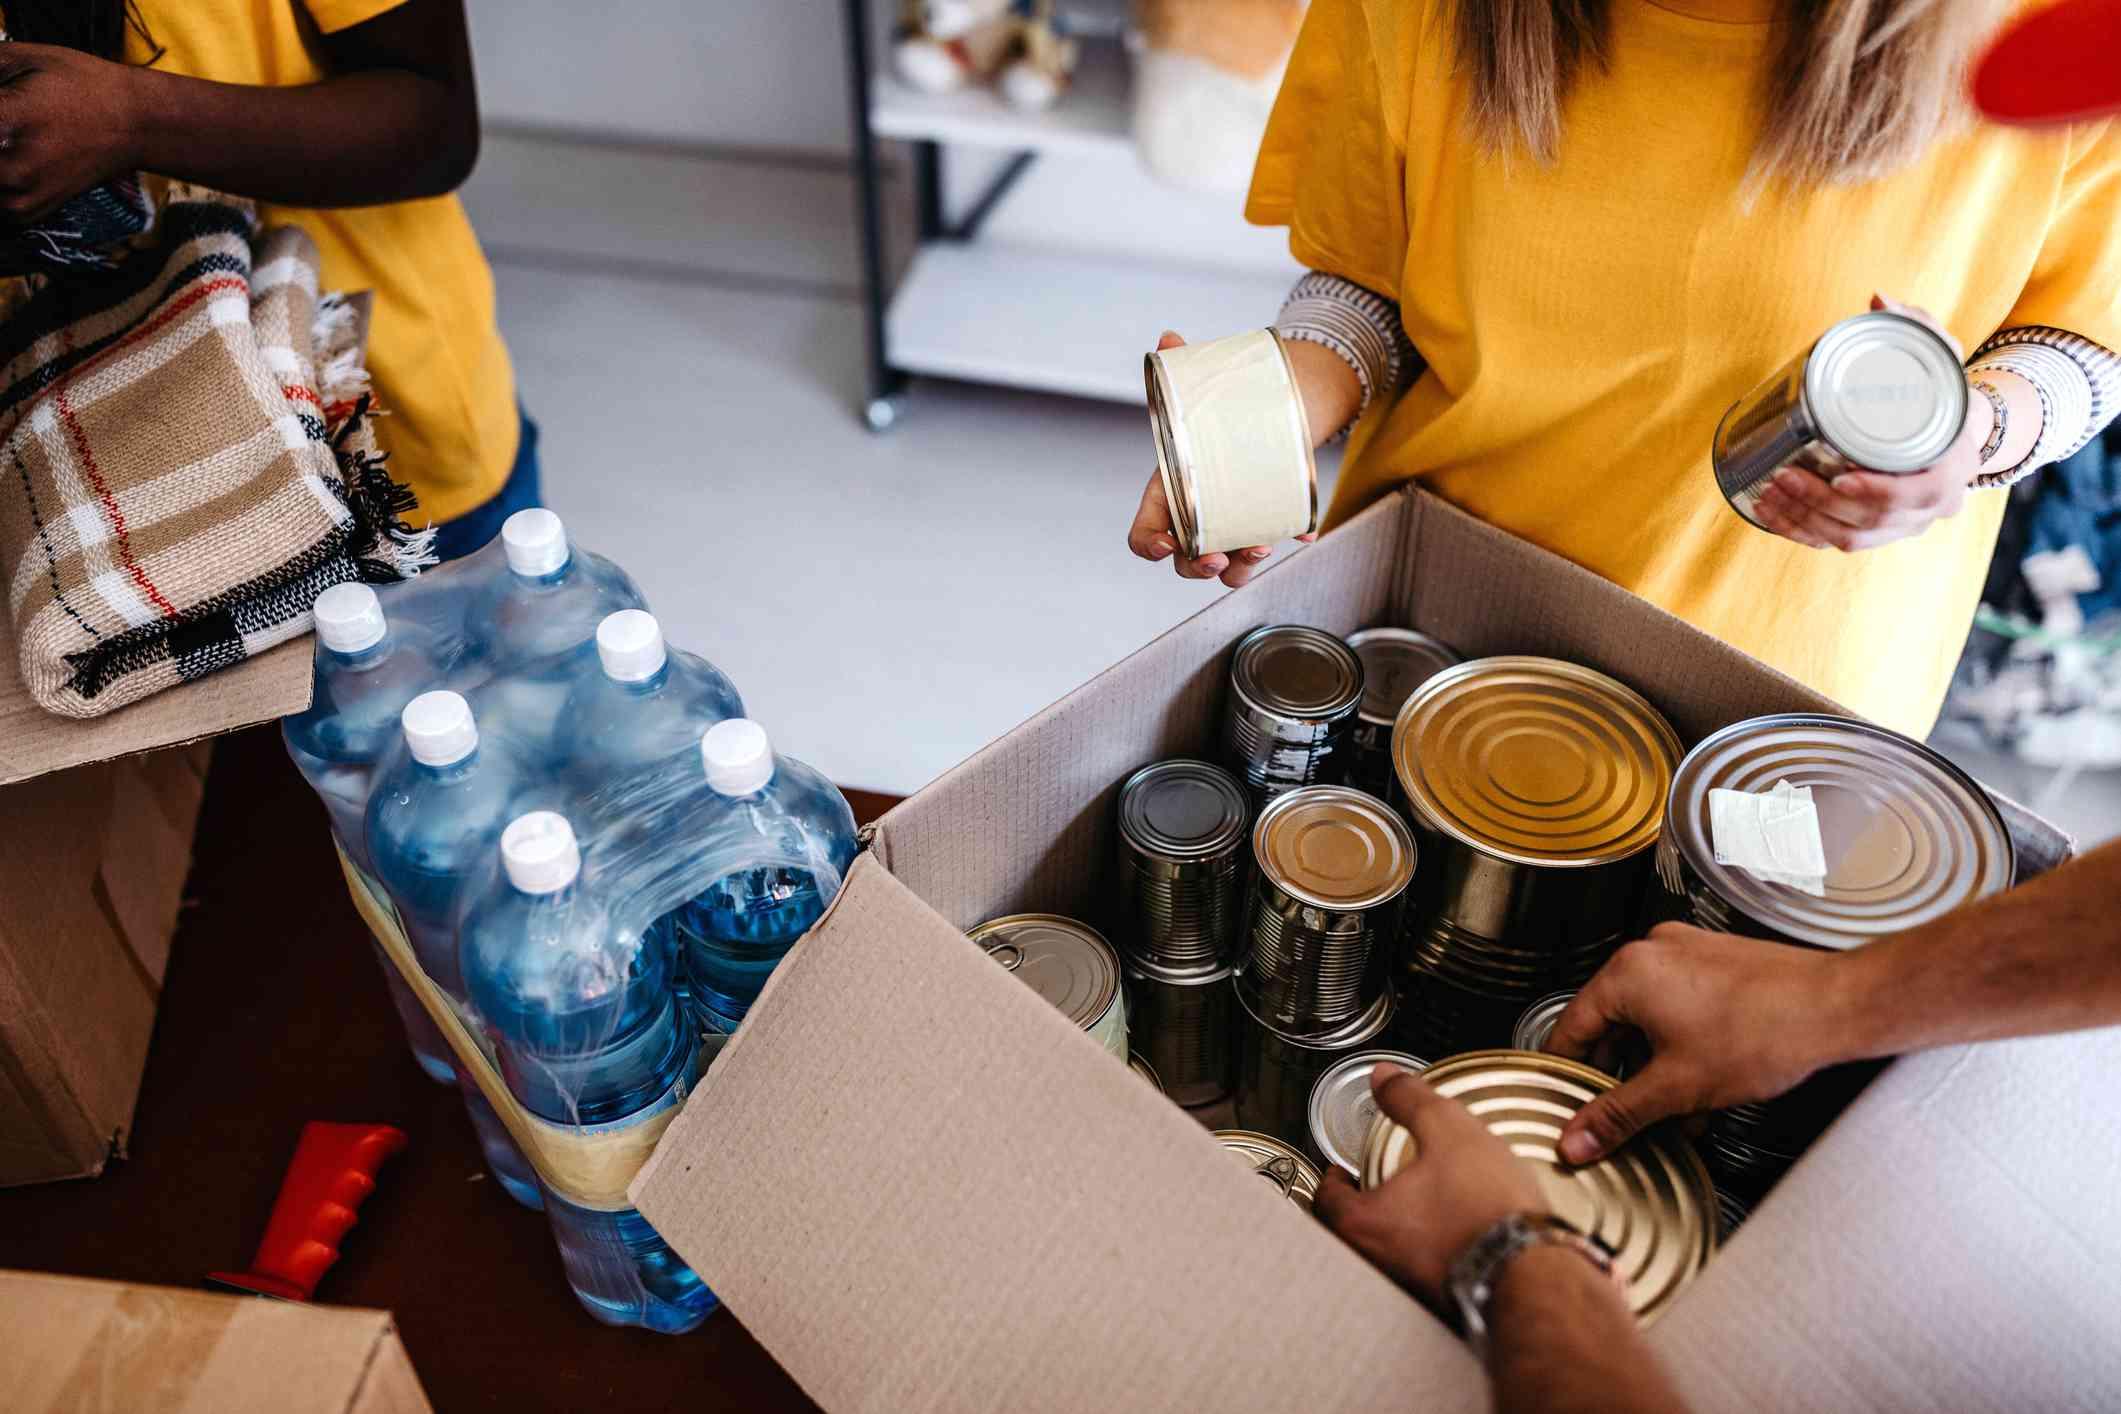 Generous people helping poor people